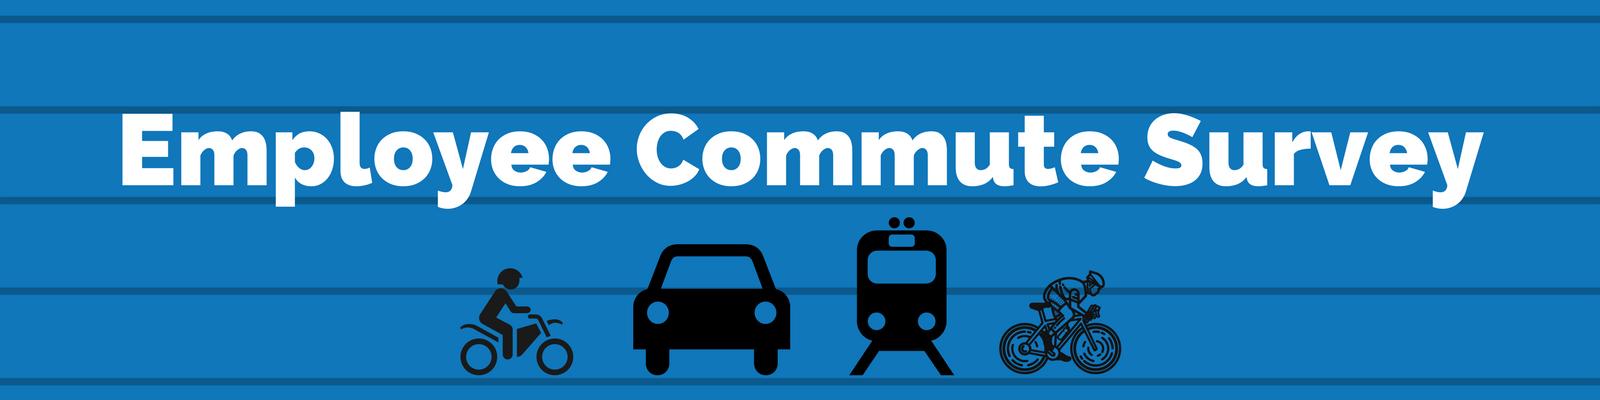 Employee Commute Survey